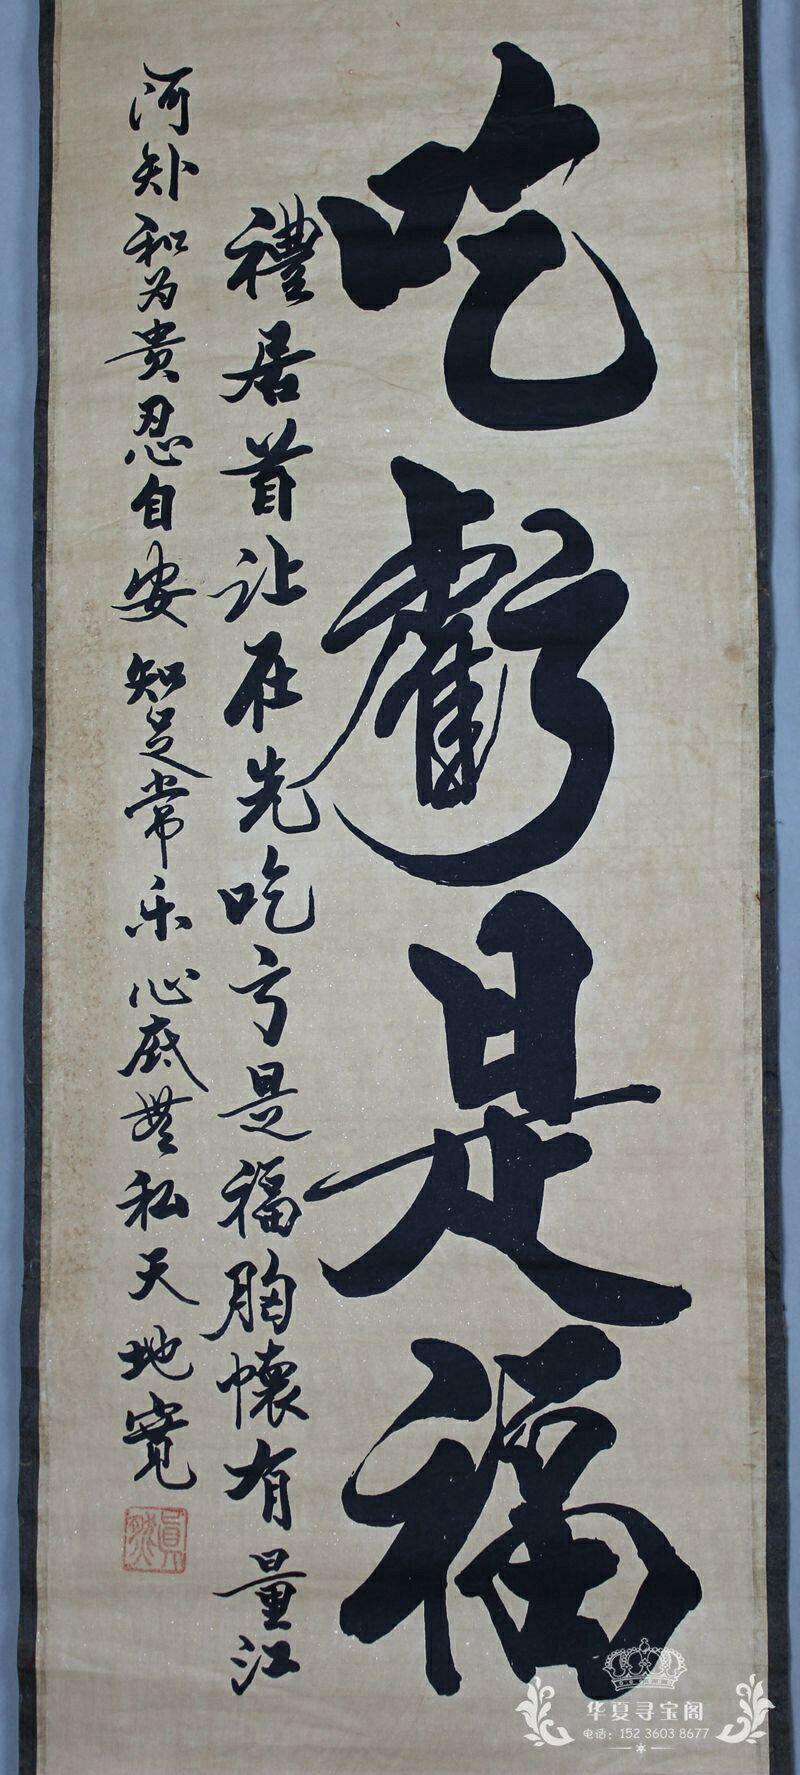 收藏仿古字畫國畫山水畫中堂畫壁畫辦公室畫已裝裱四條屏難得糊涂